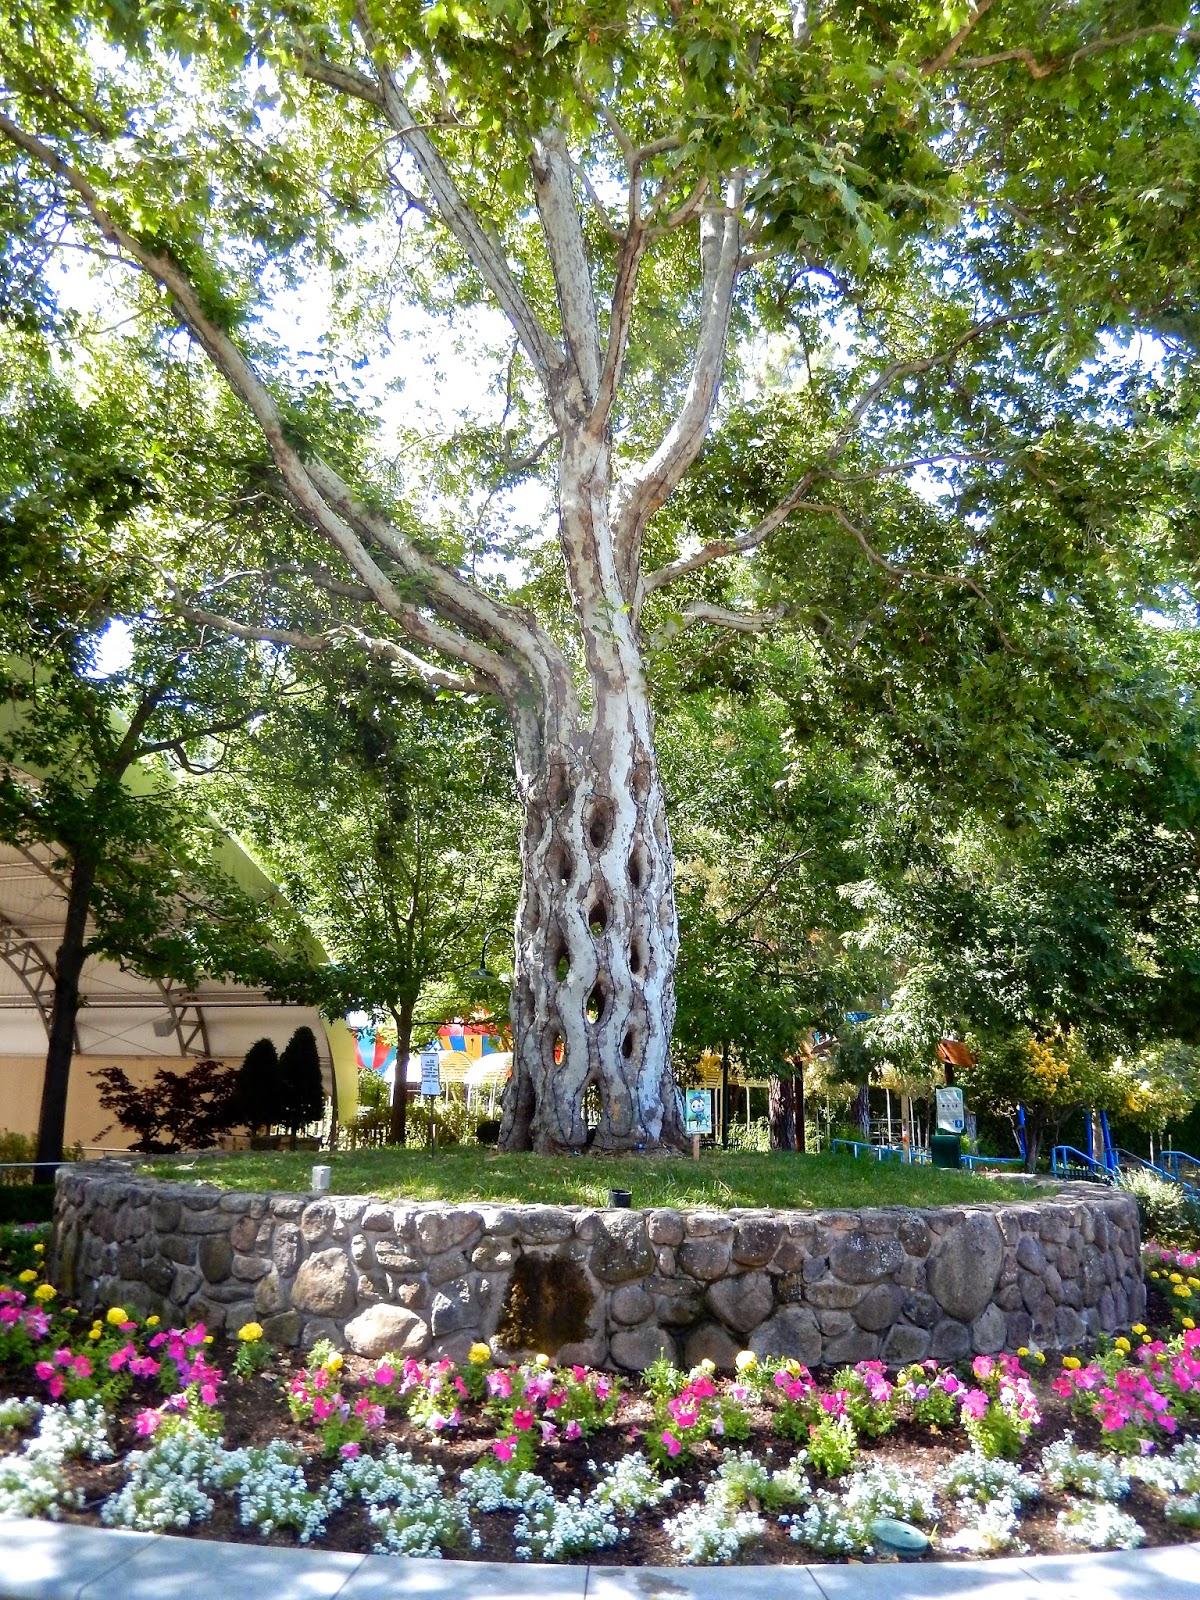 Thrillography gilroy gardens my bodacious ace coaster for Gilroy garden trees